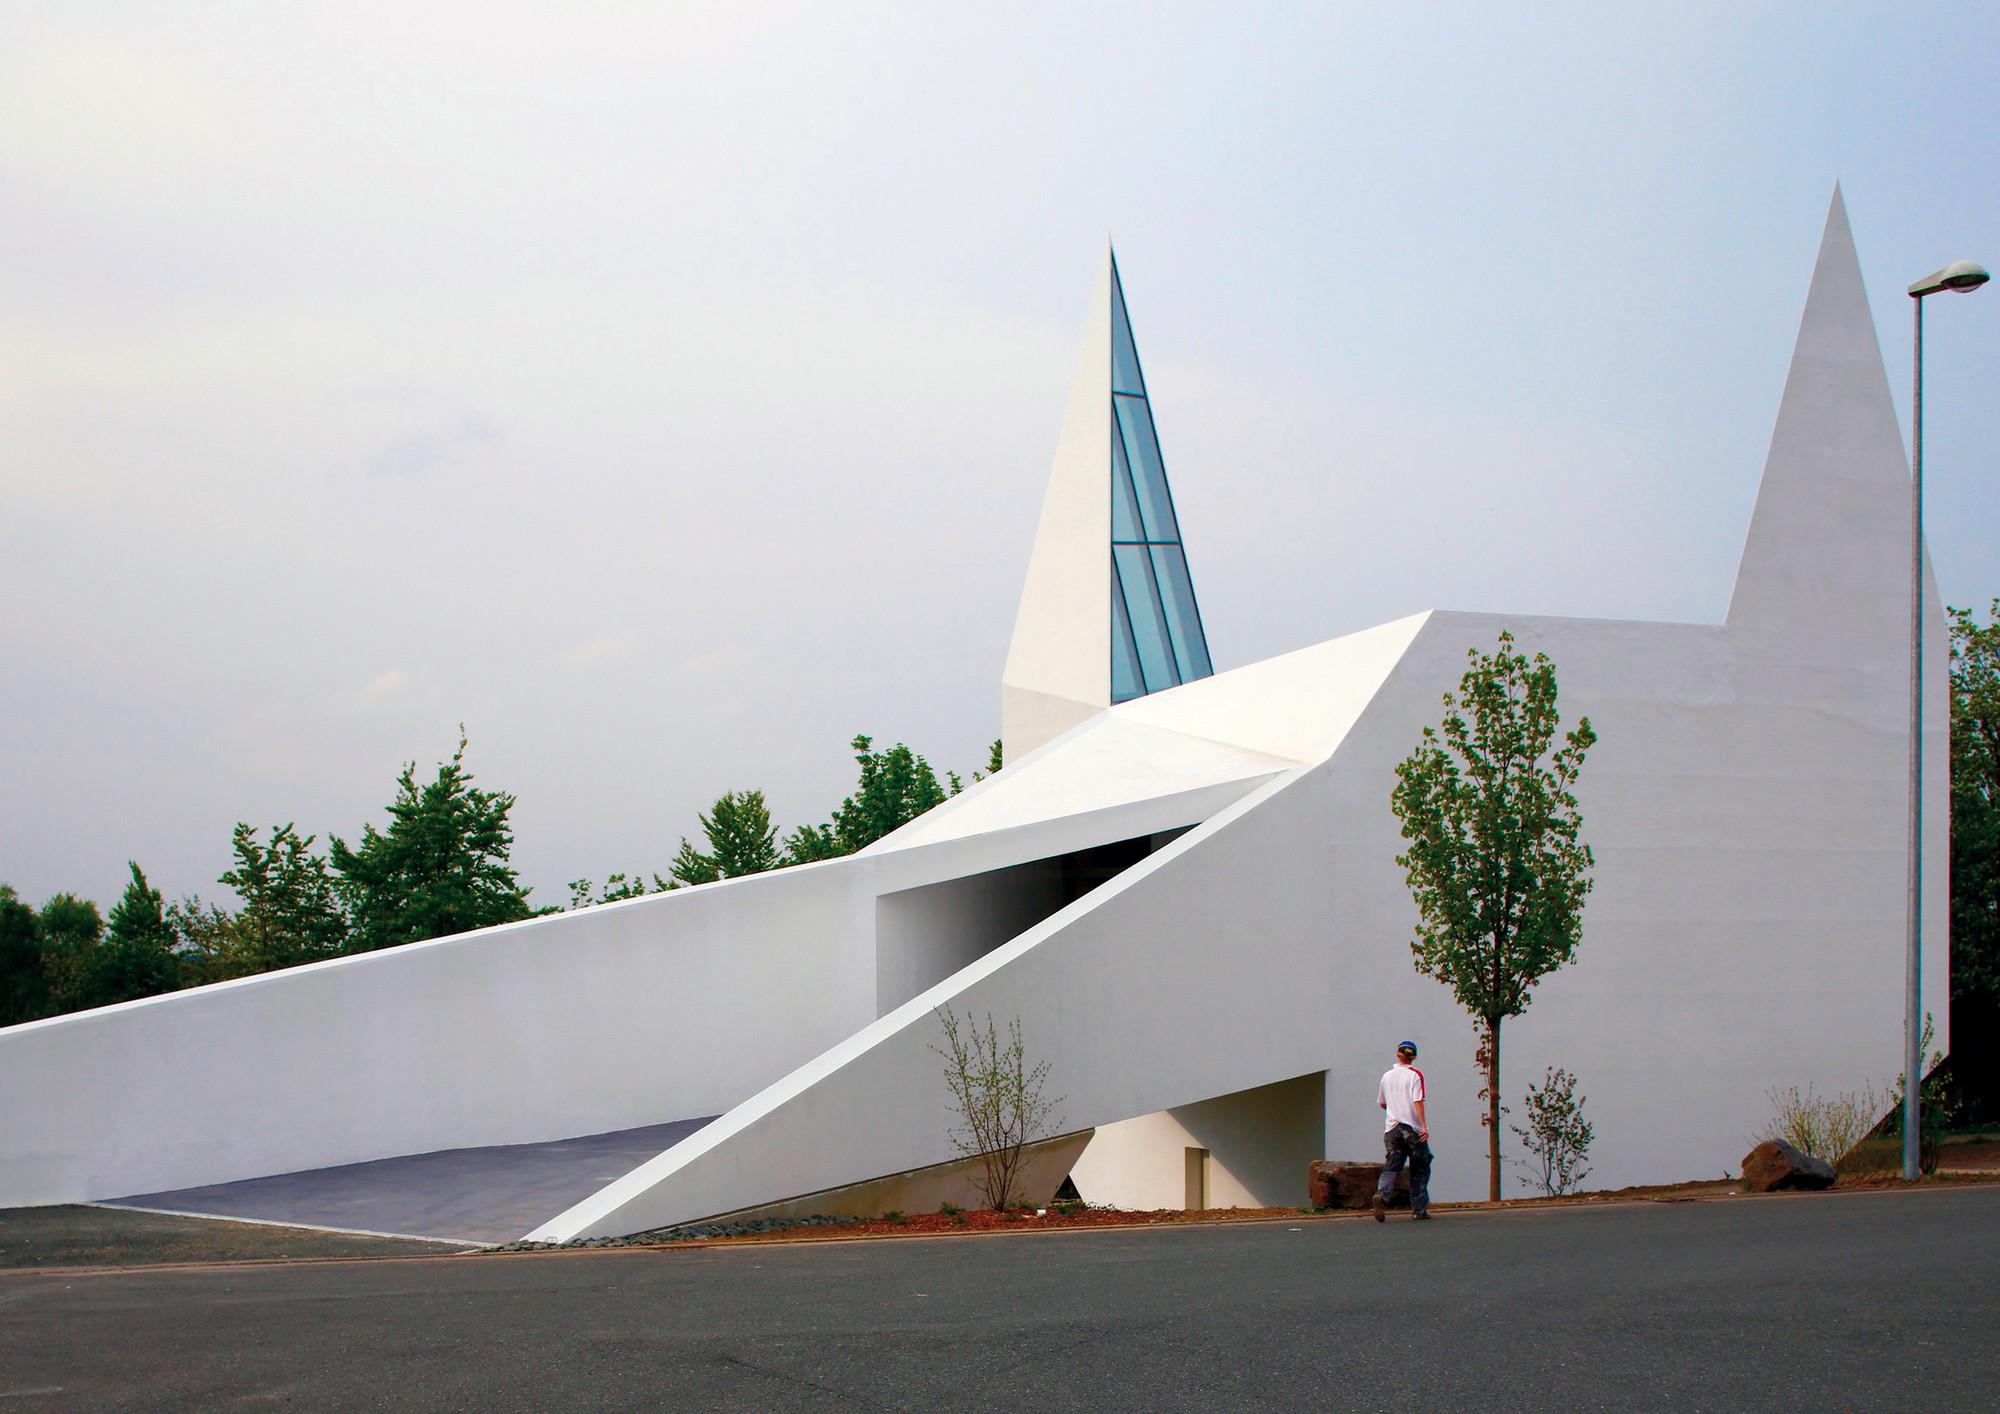 Iglesia Autobahn Siegerland  / Schneider+Schumacher, © Helen Schiffer